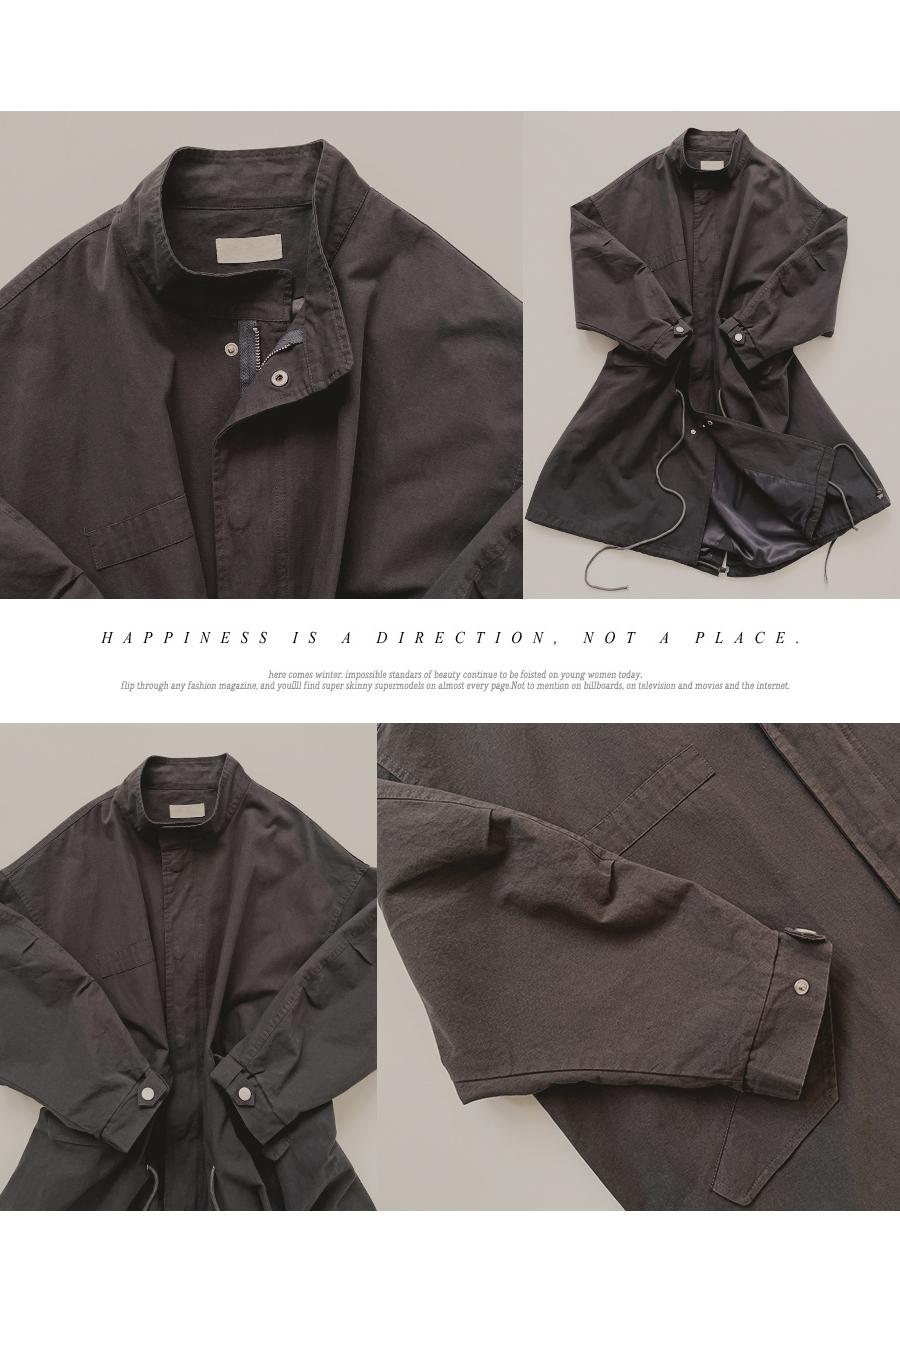 accessories detail image-S7L3